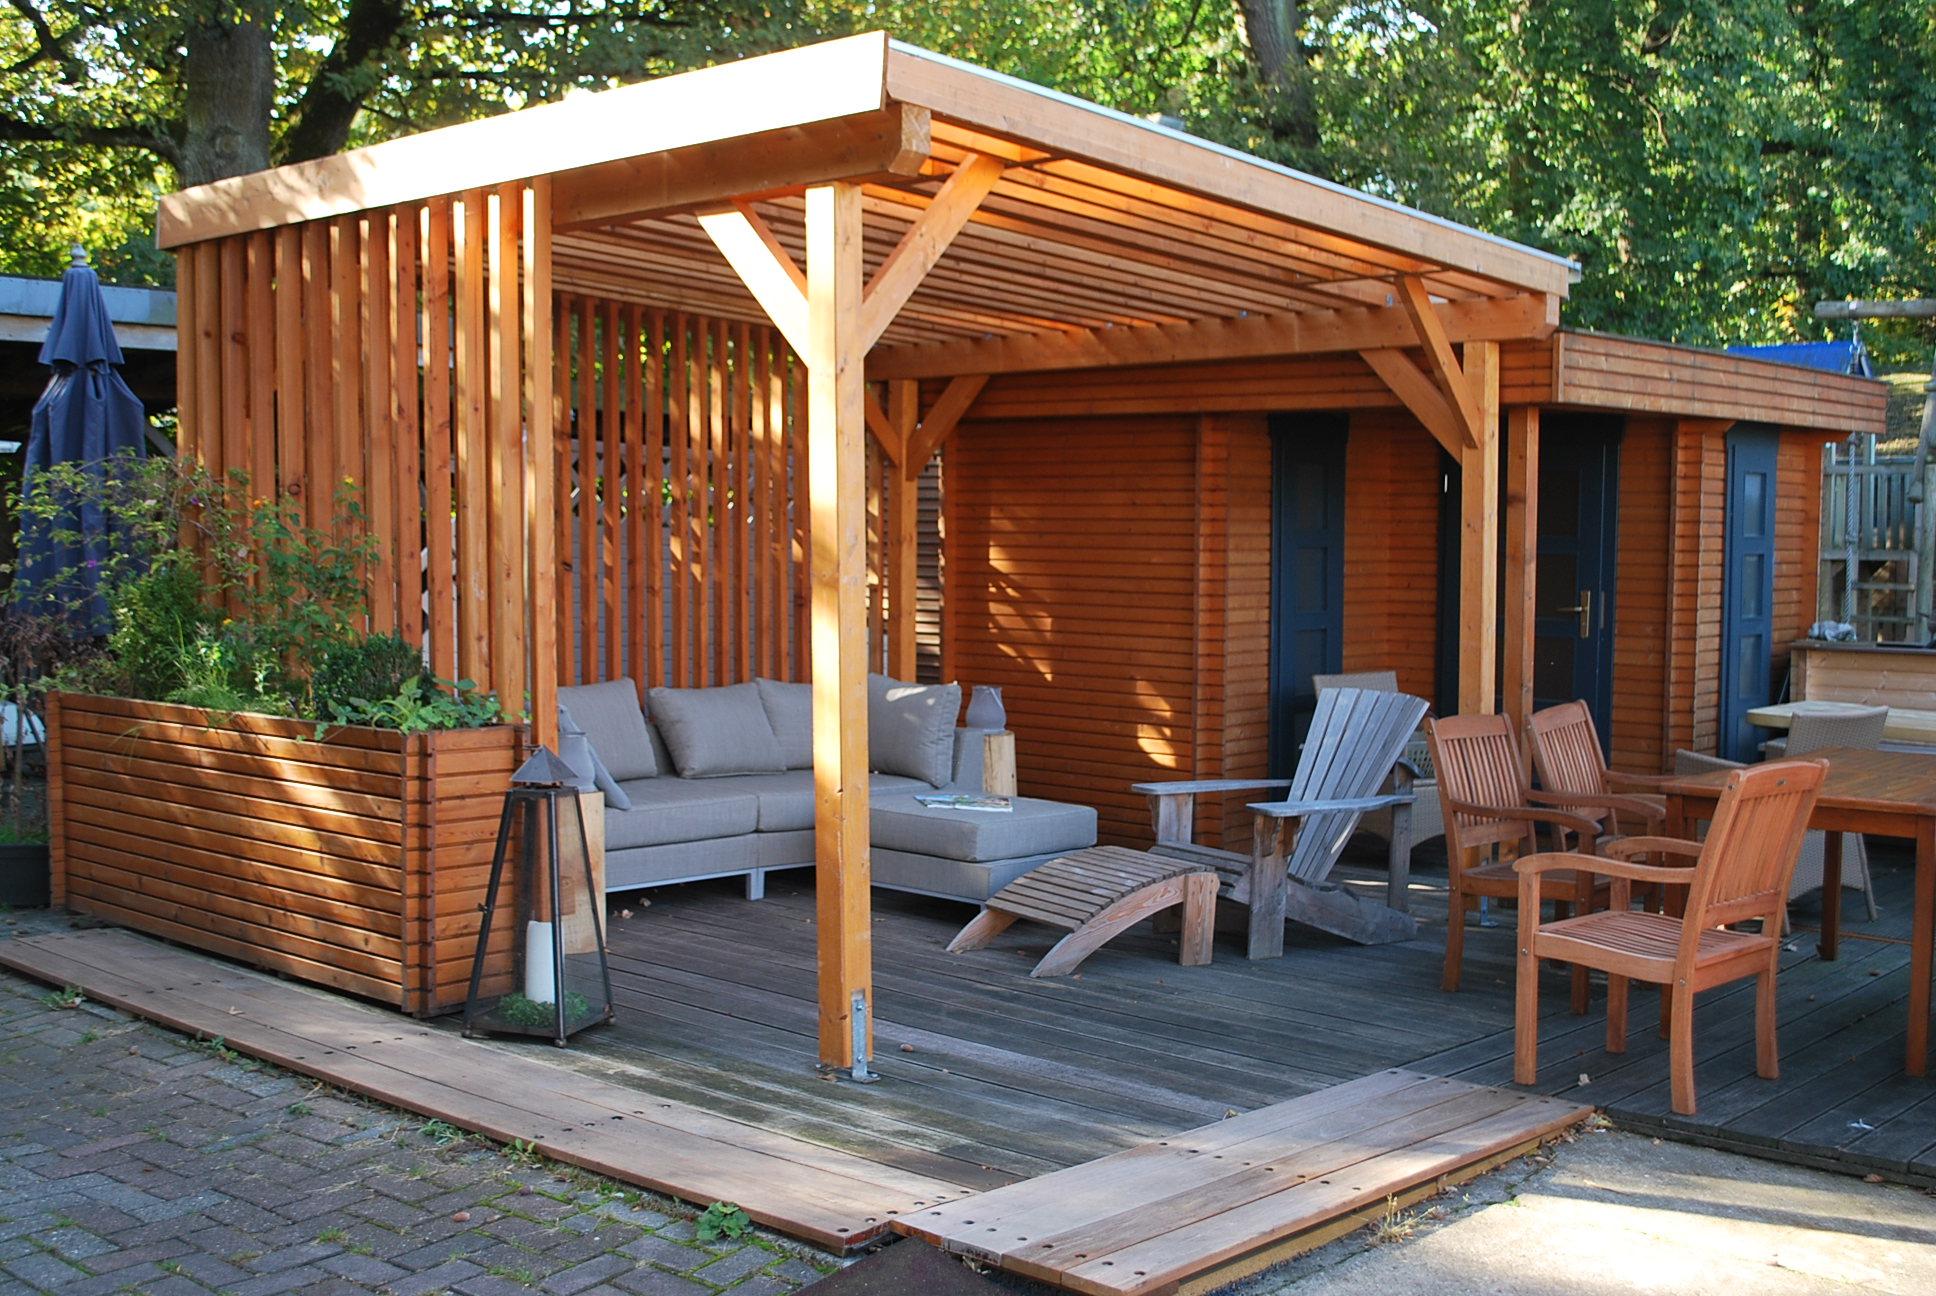 Full Size of Berdachung Individuell Mit Holz Gestalten Bernholt Gmbh Cokg Gartenüberdachung Garten Gartenüberdachung